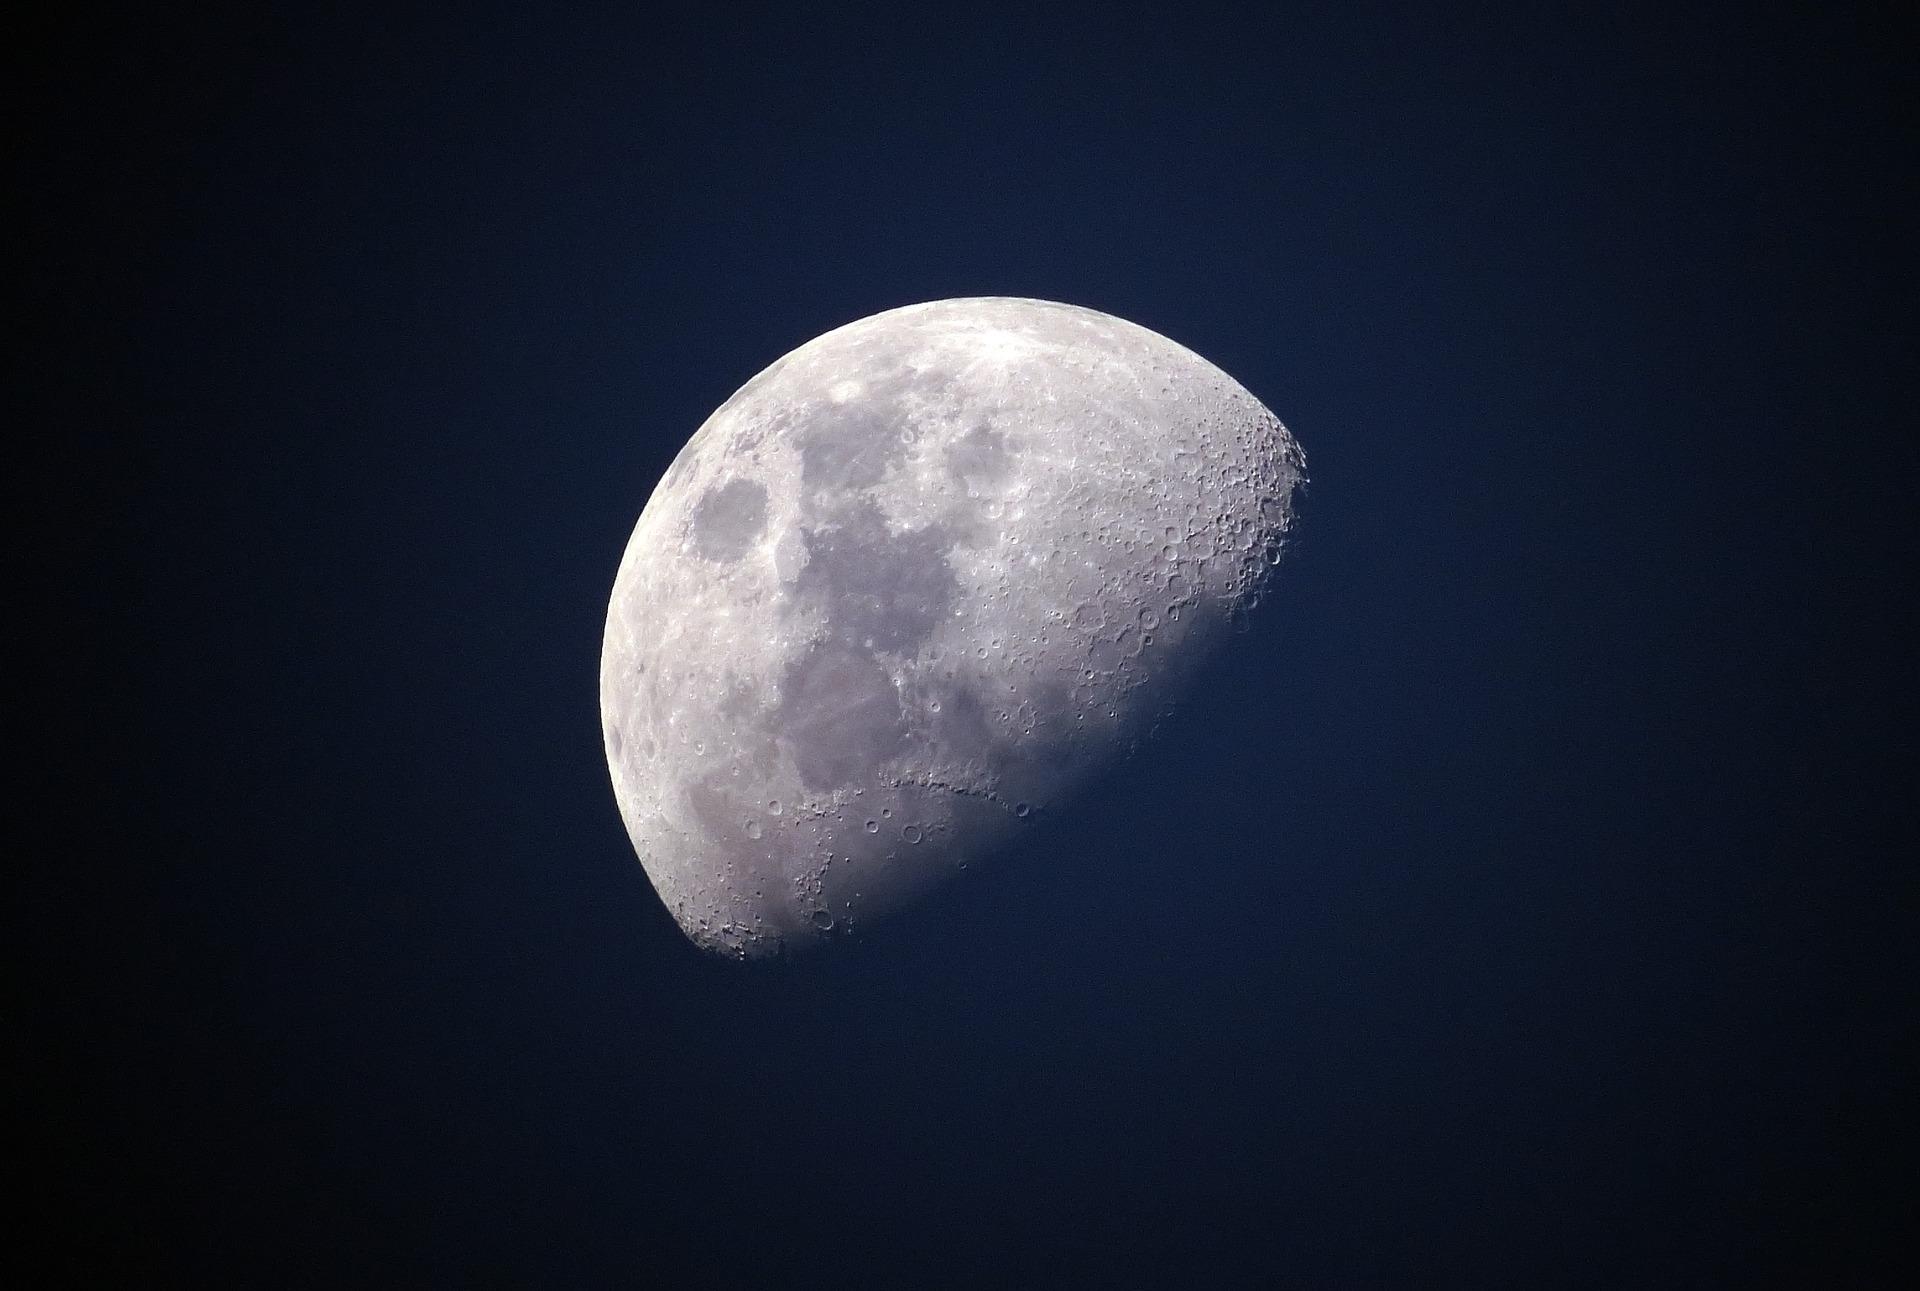 月食来了,你还记得月亮上的嫦娥么?